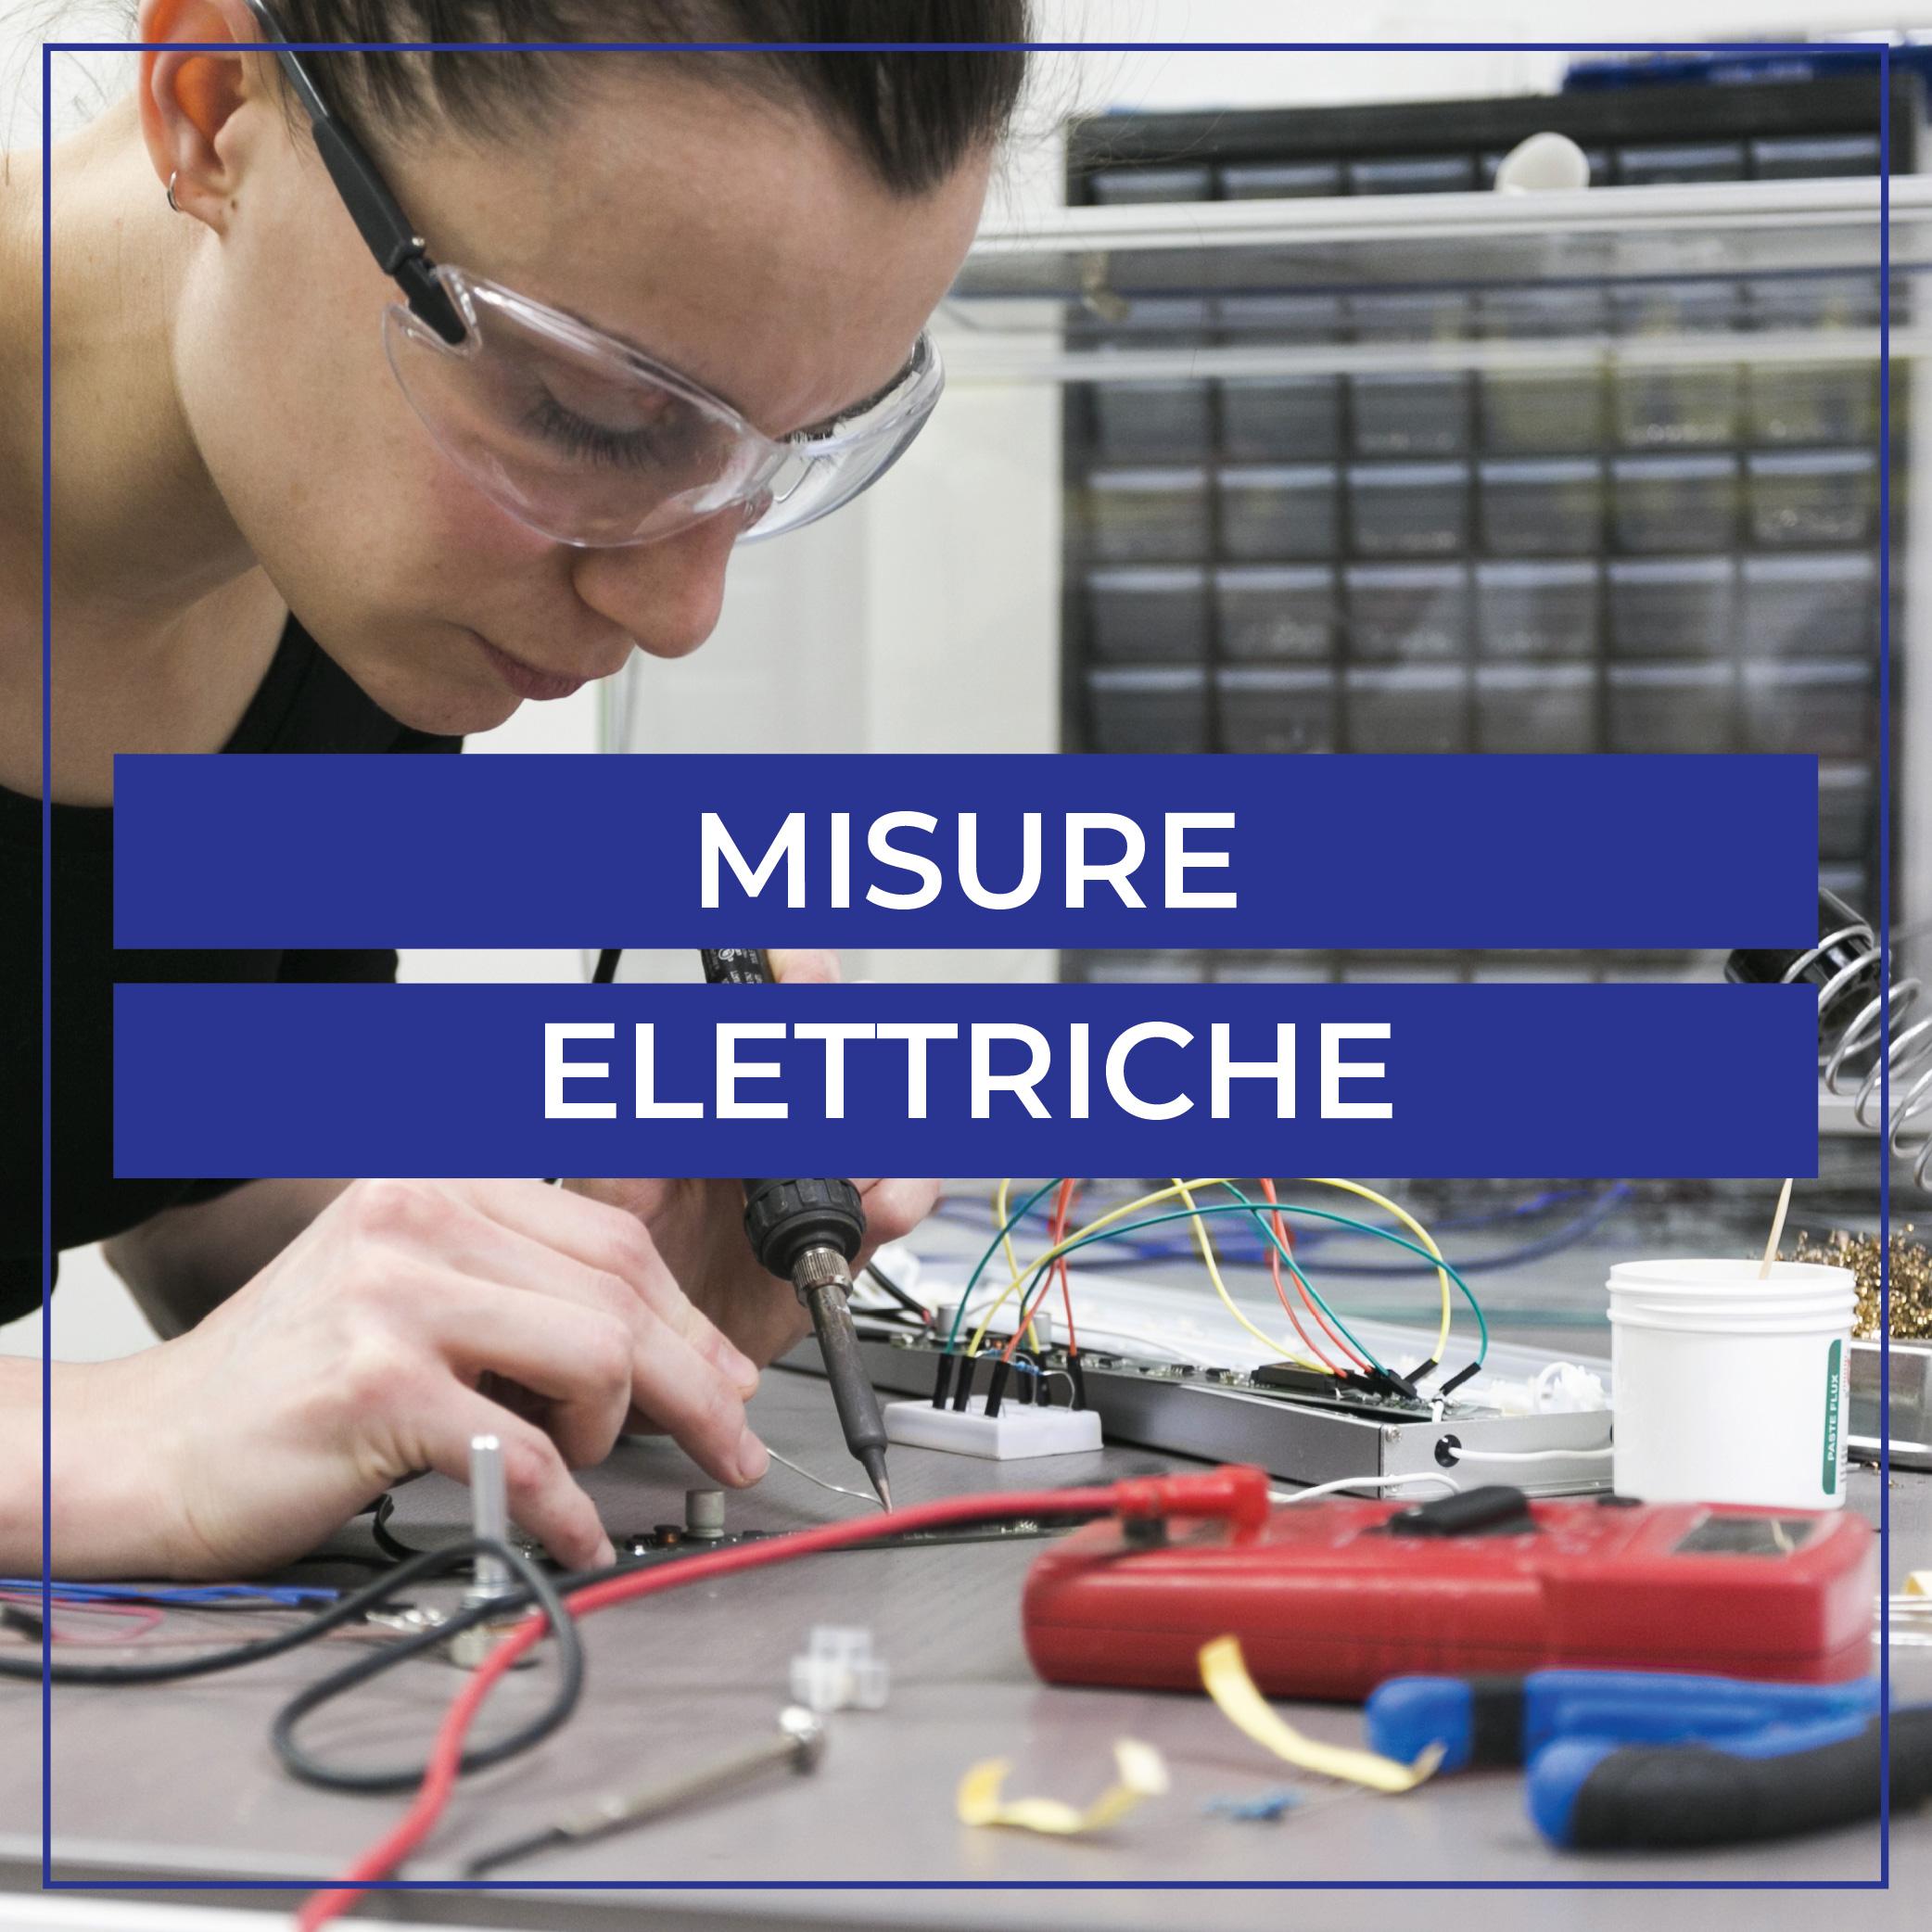 misure, verifiche e collaudo di impianti elettrici -